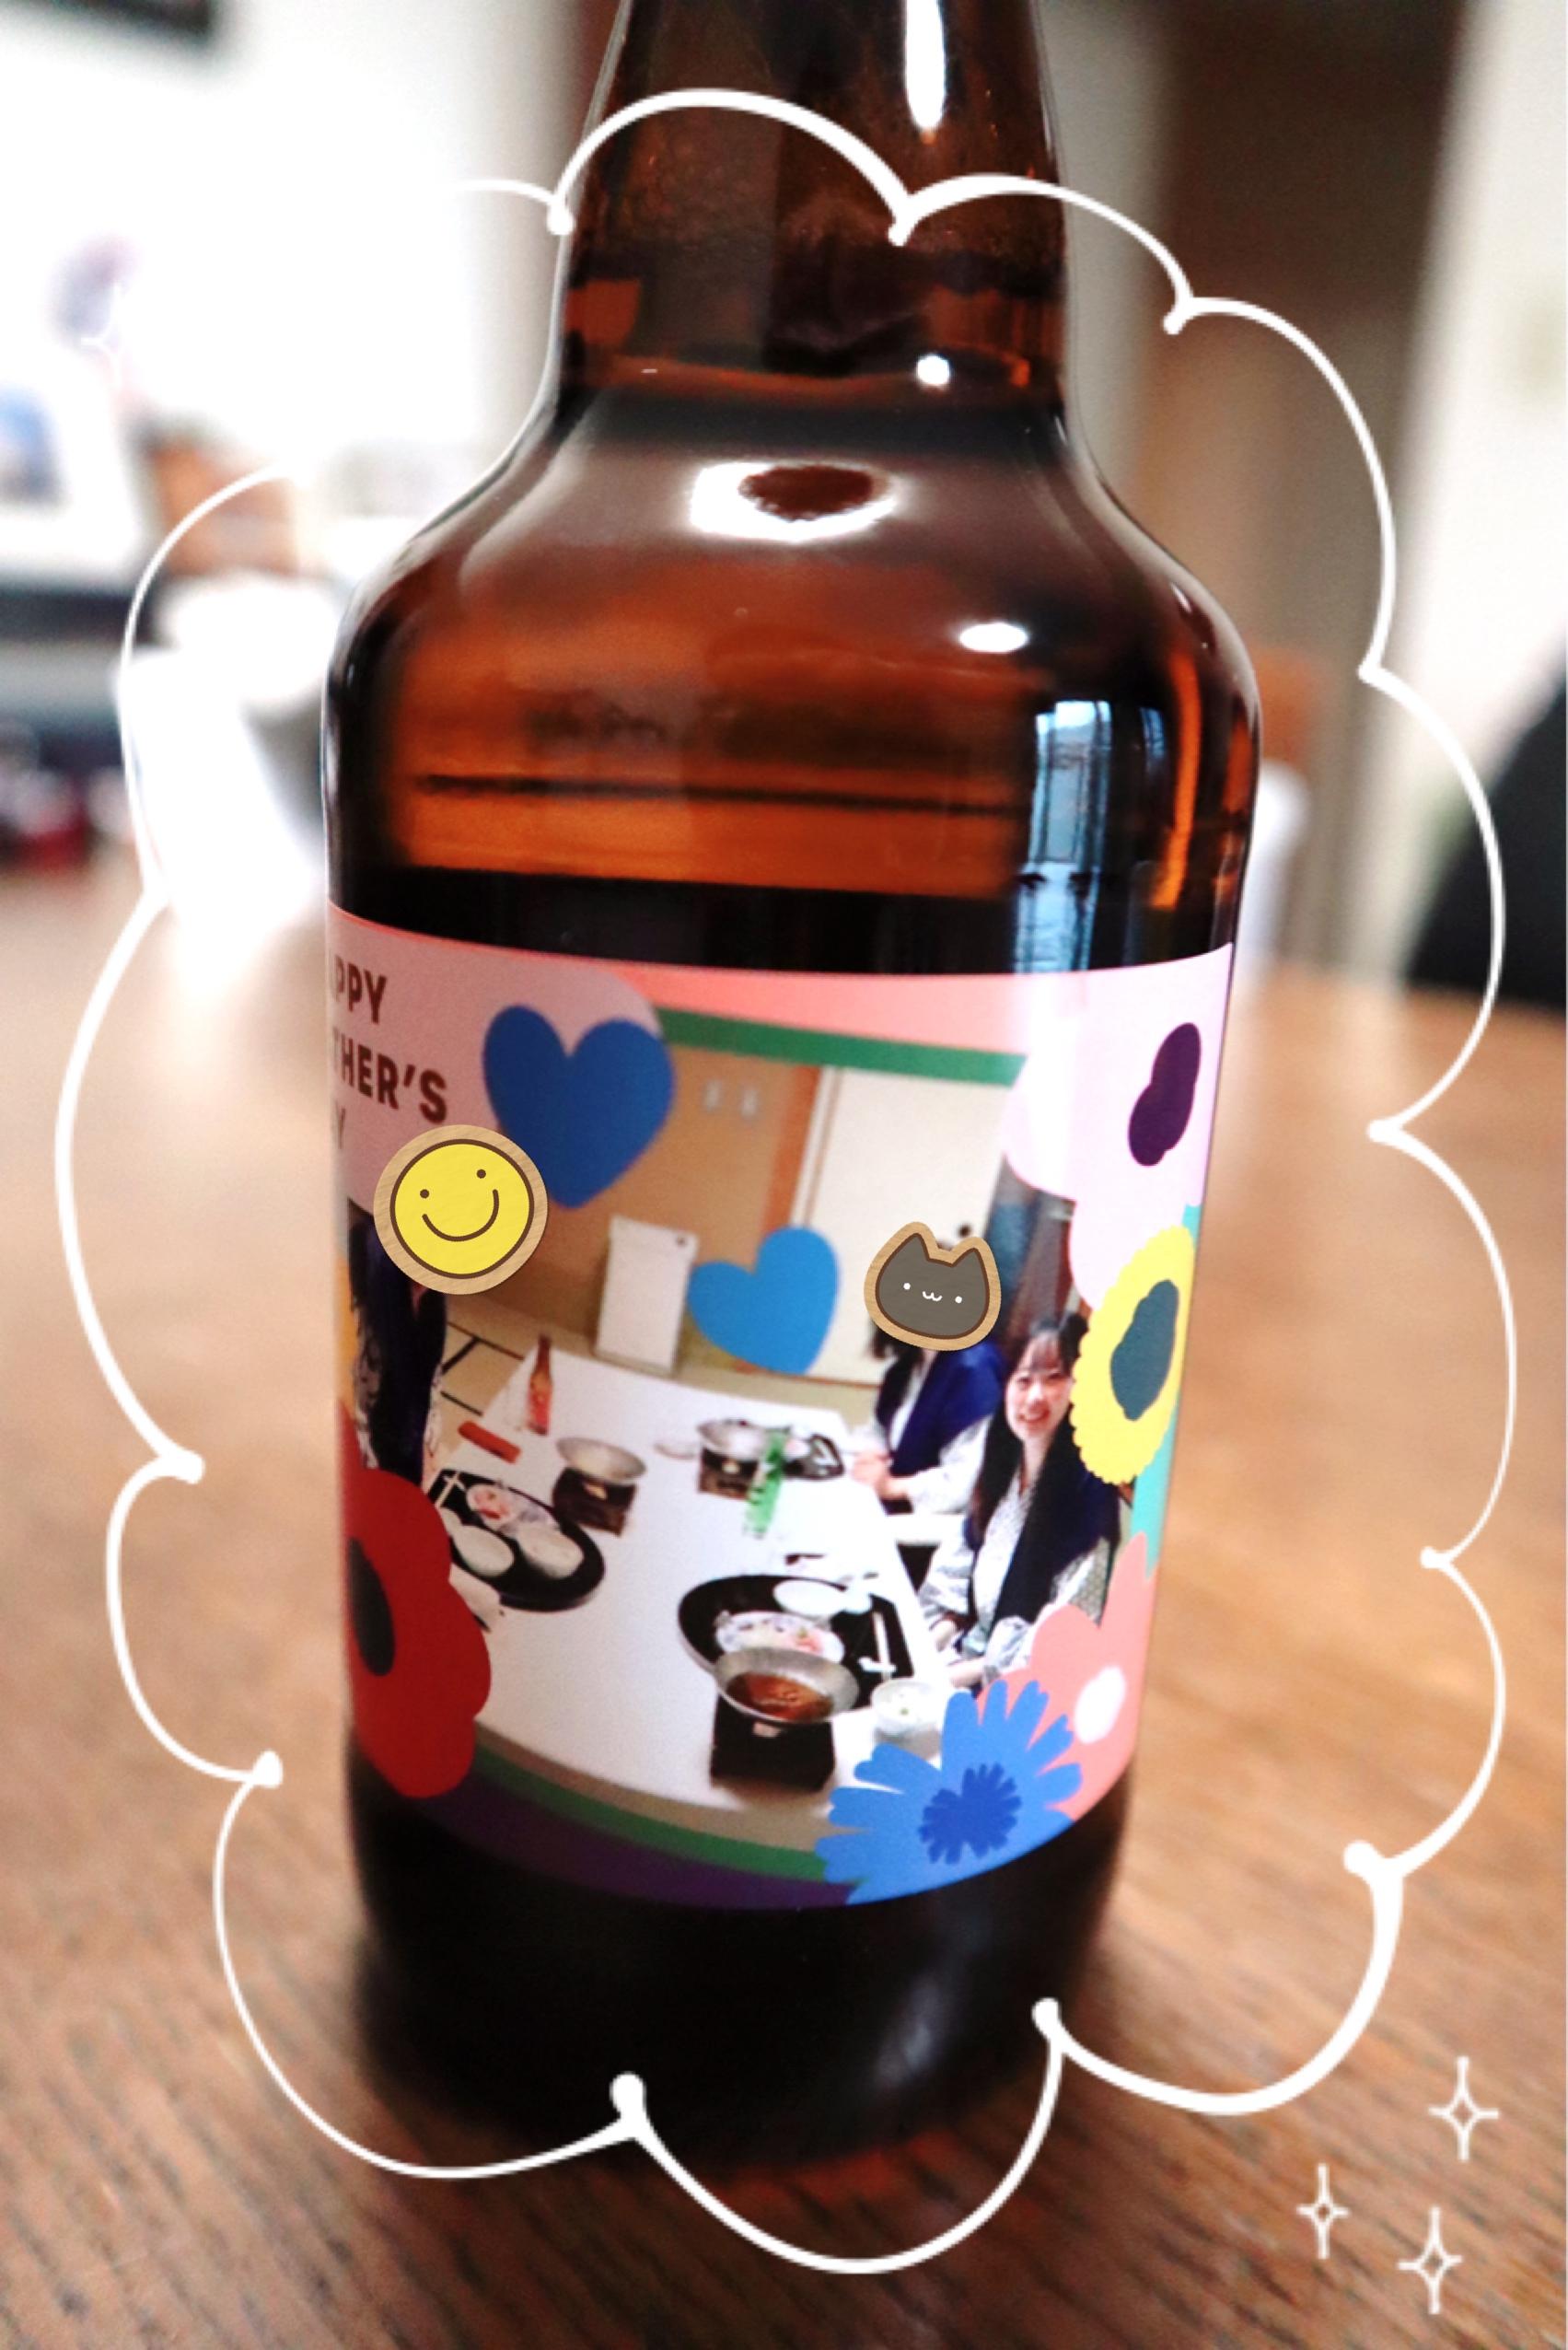 家族写真がプリントされた、オリジナルラベルの瓶ビール。先程の写真のアップ